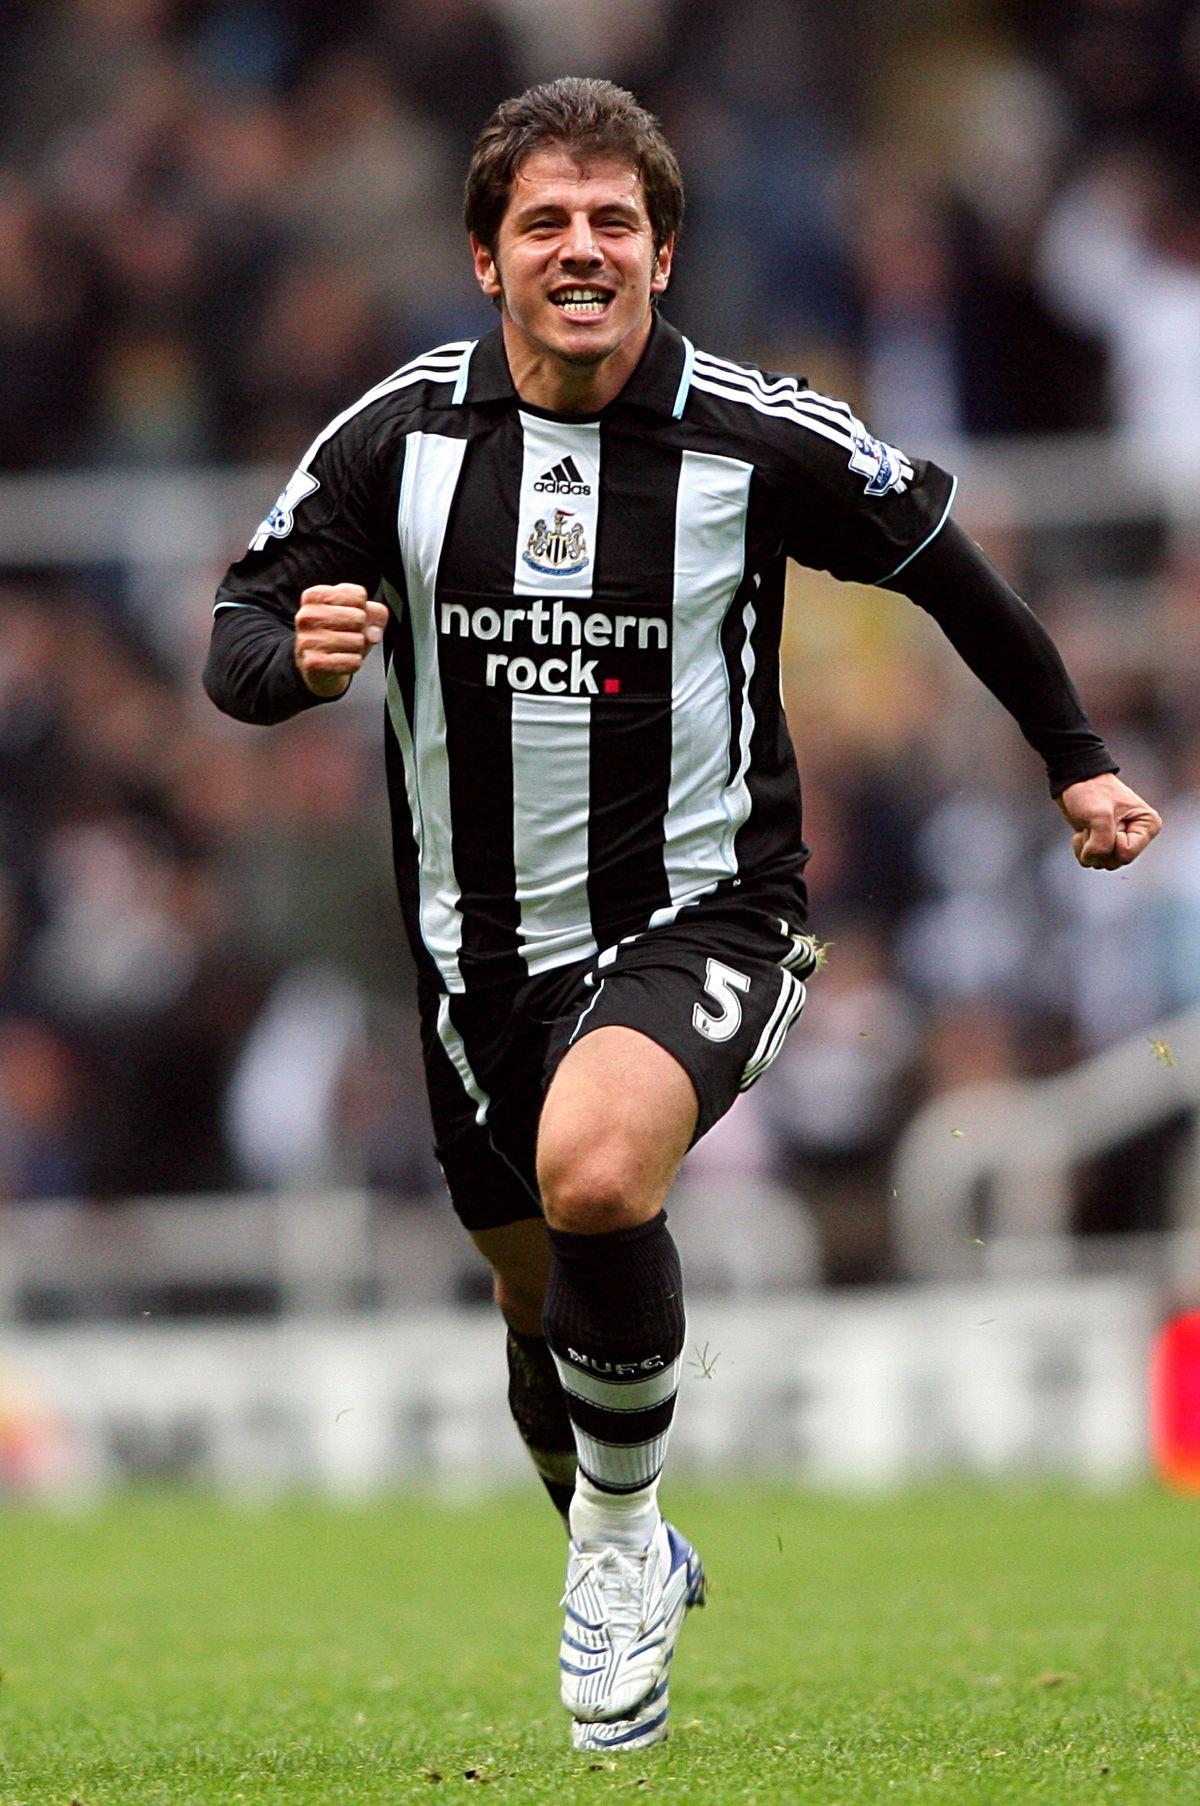 Soccer - Barclays Premier League - Newcastle United v Everton - St James Park